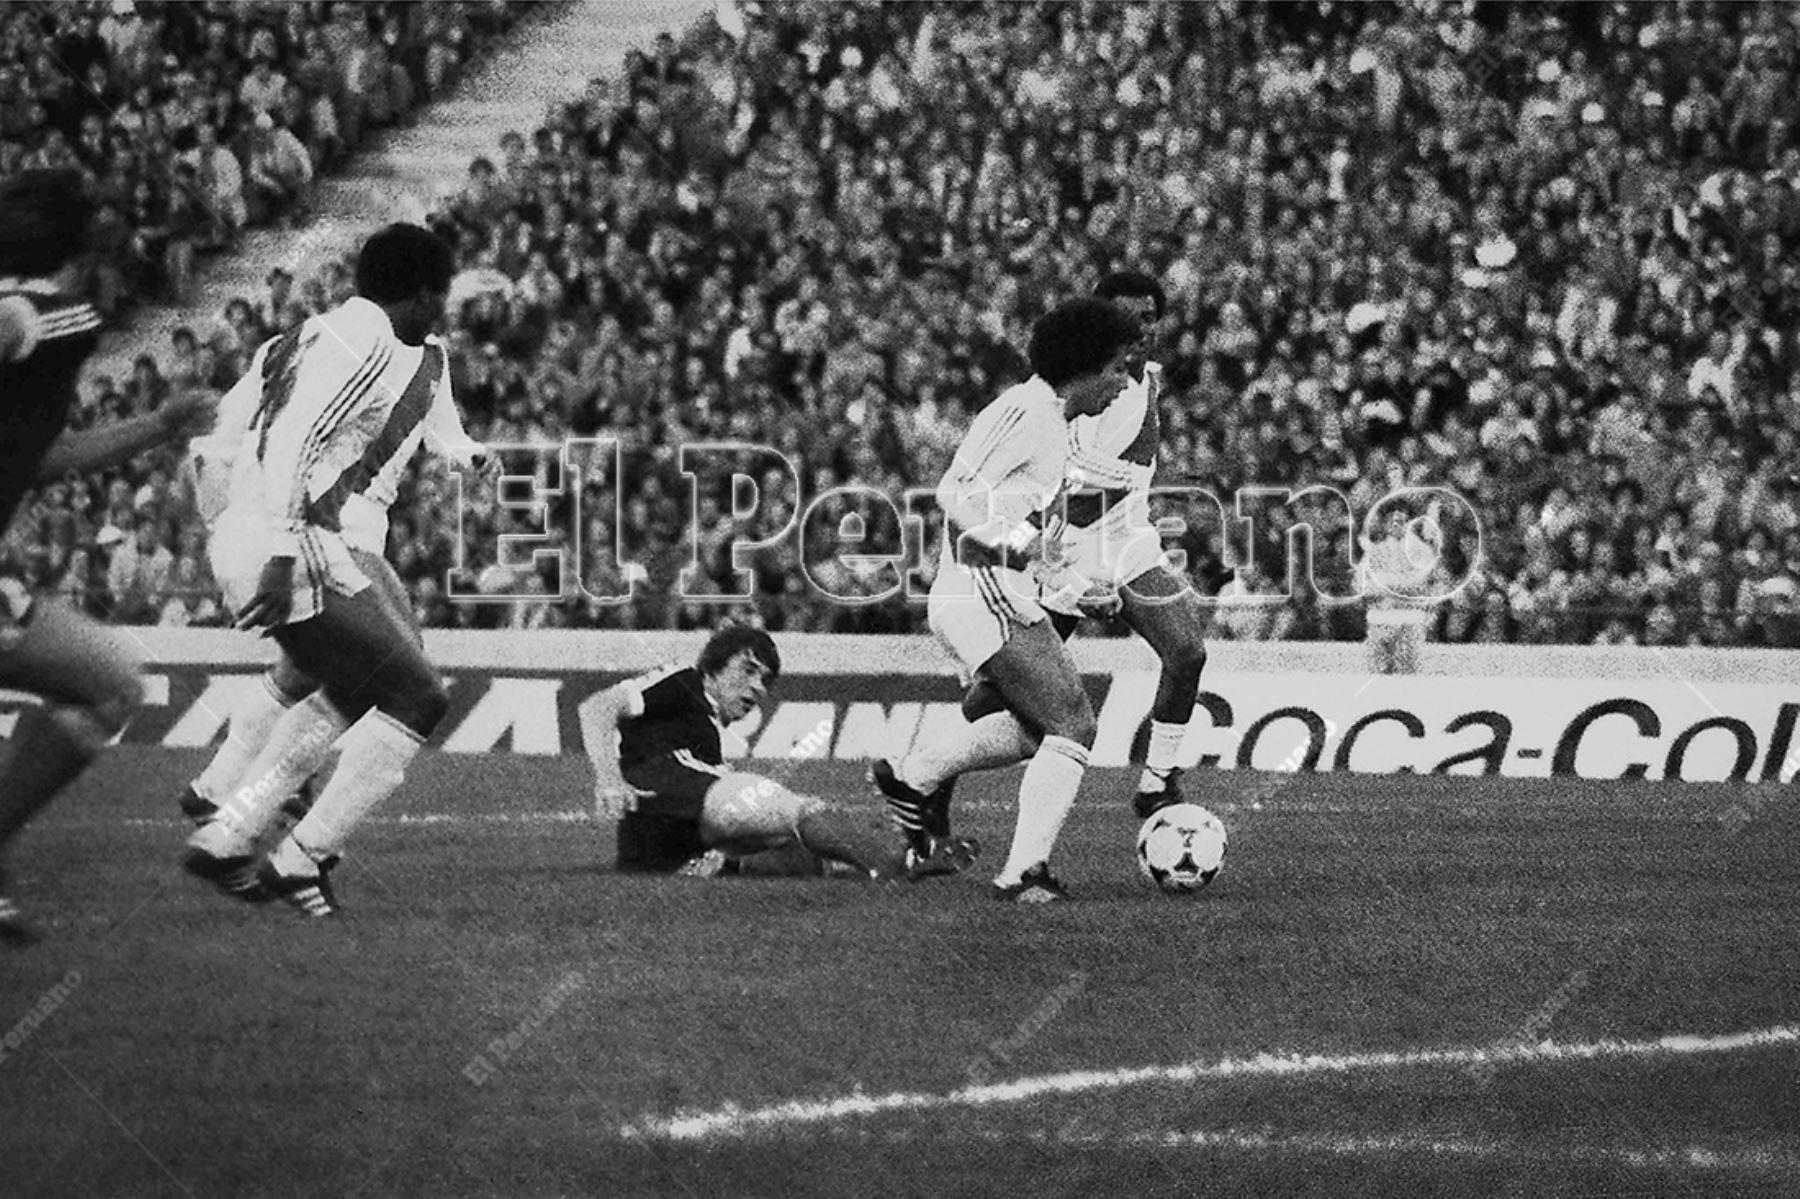 Argentina - 3 junio 1978 / César Cueto se prepara para rematar en el arco rival.  Perú venció 3-1 a Escocia por la primera fase del Mundial Argentina 78.  Foto: Archivo Histórico de El Peruano / Rolando Ángeles